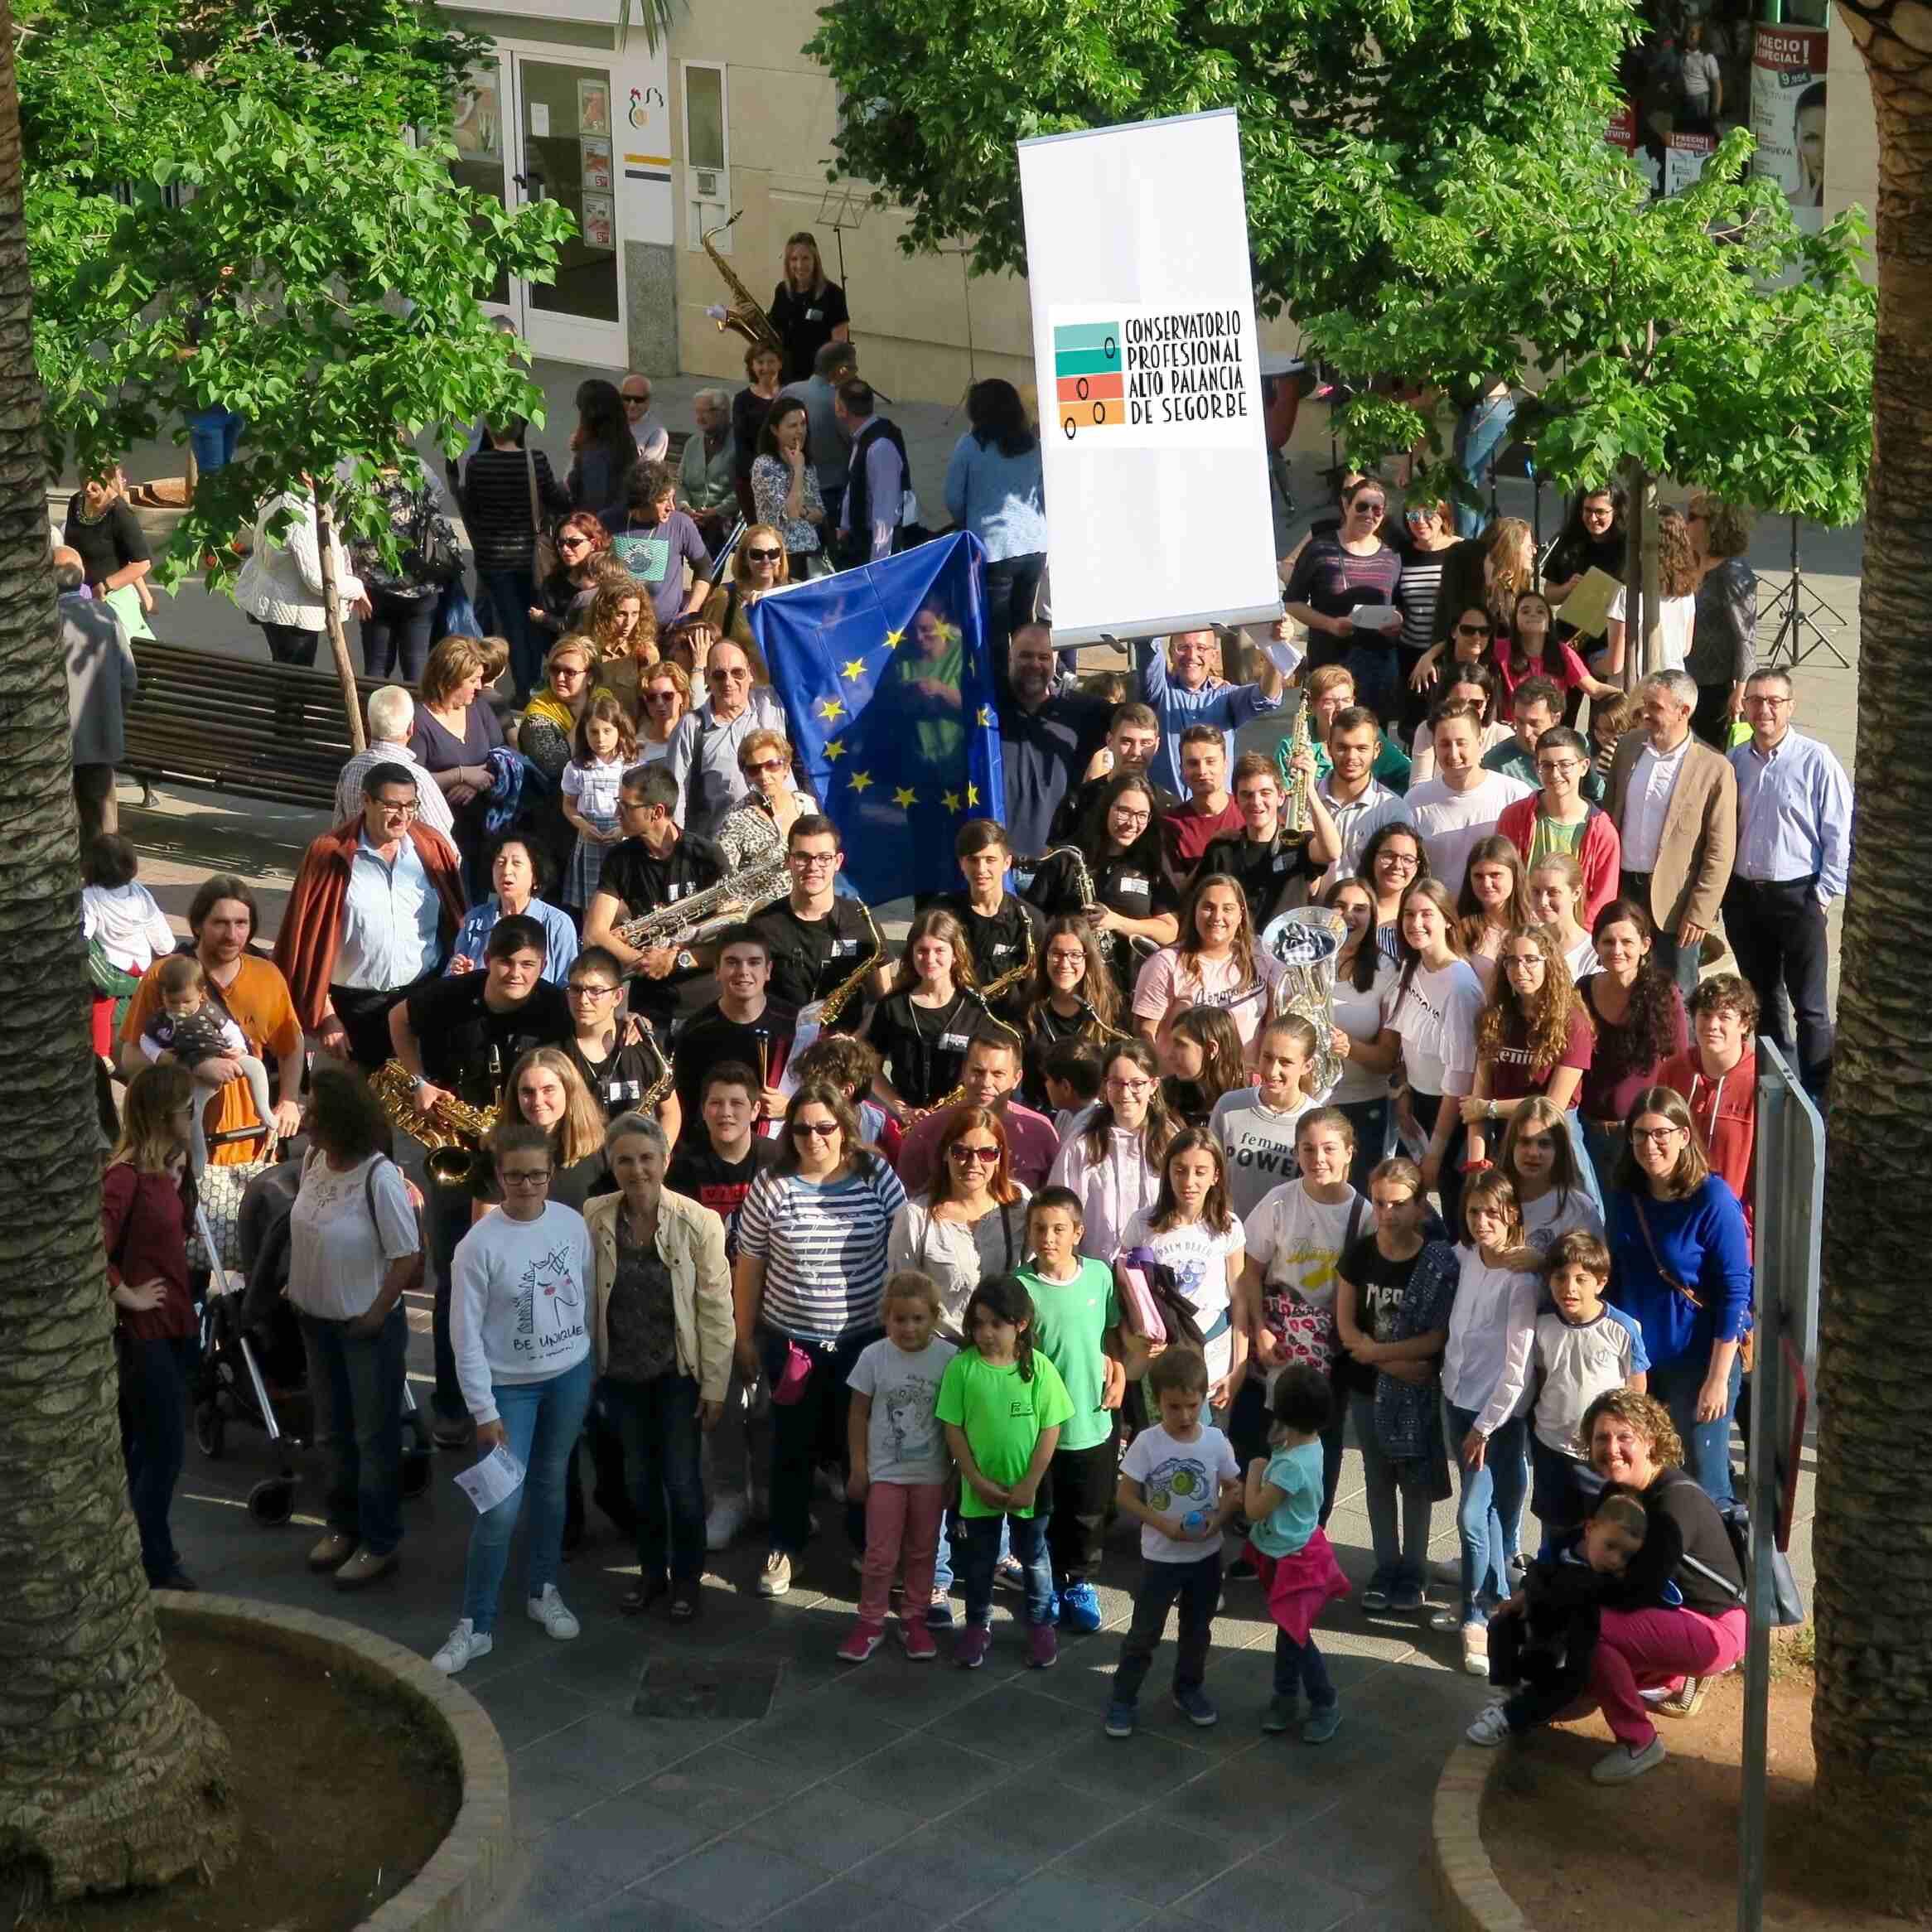 Conservatorio Profesional de Música Alto Palancia de Segorbe. Día de Europa